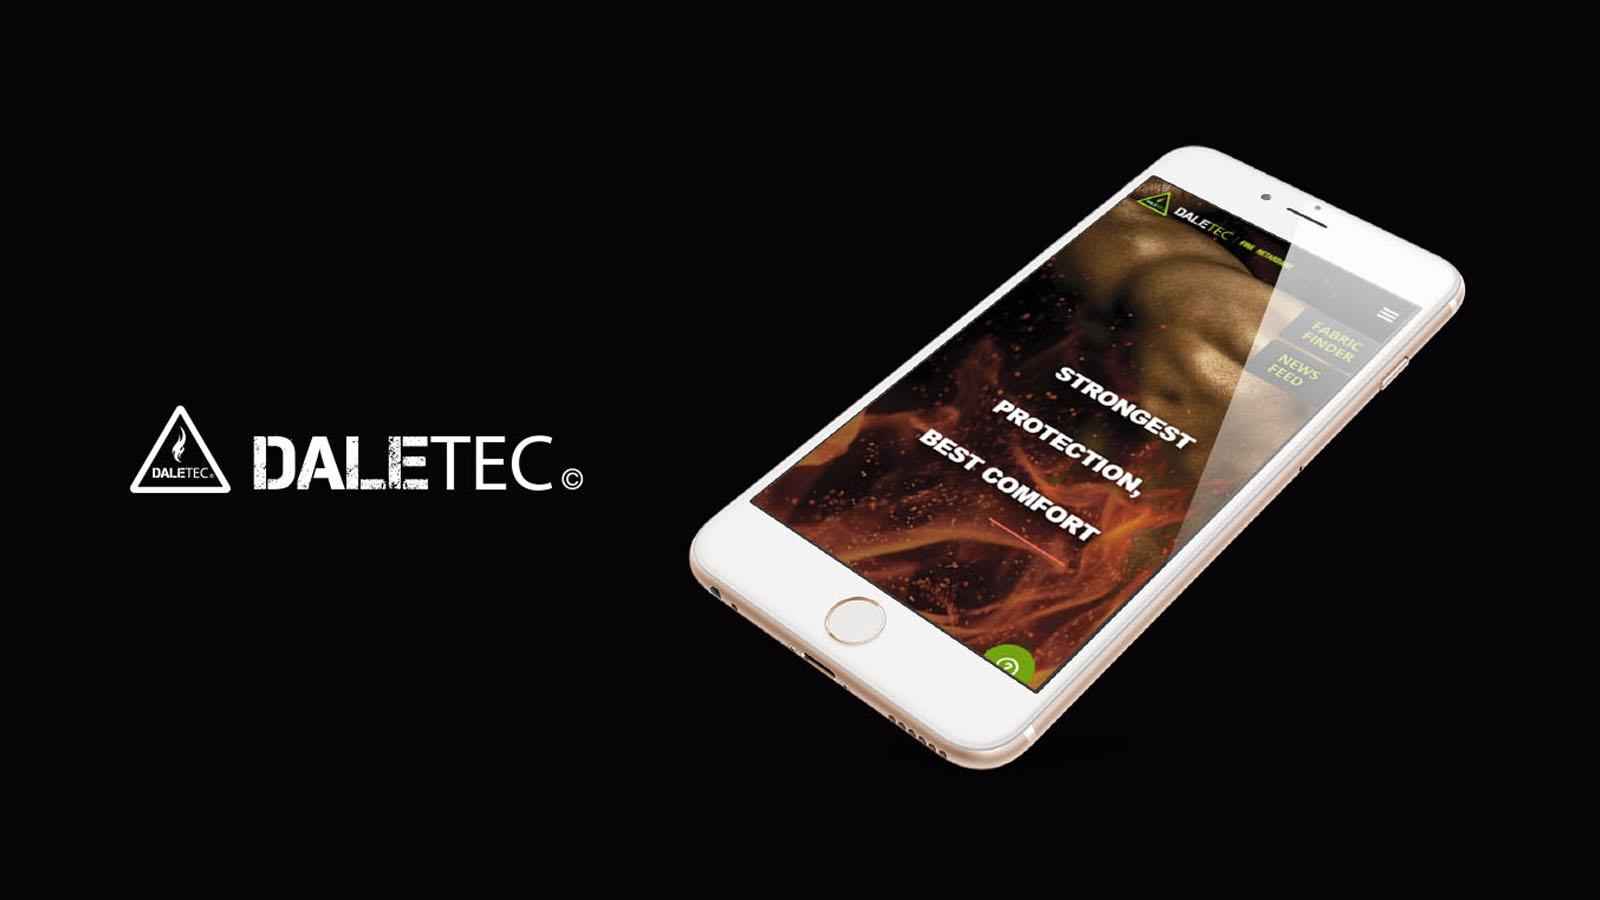 graphic-brand-design-web-designer-hiline-lahore-pakistan-daletec-002